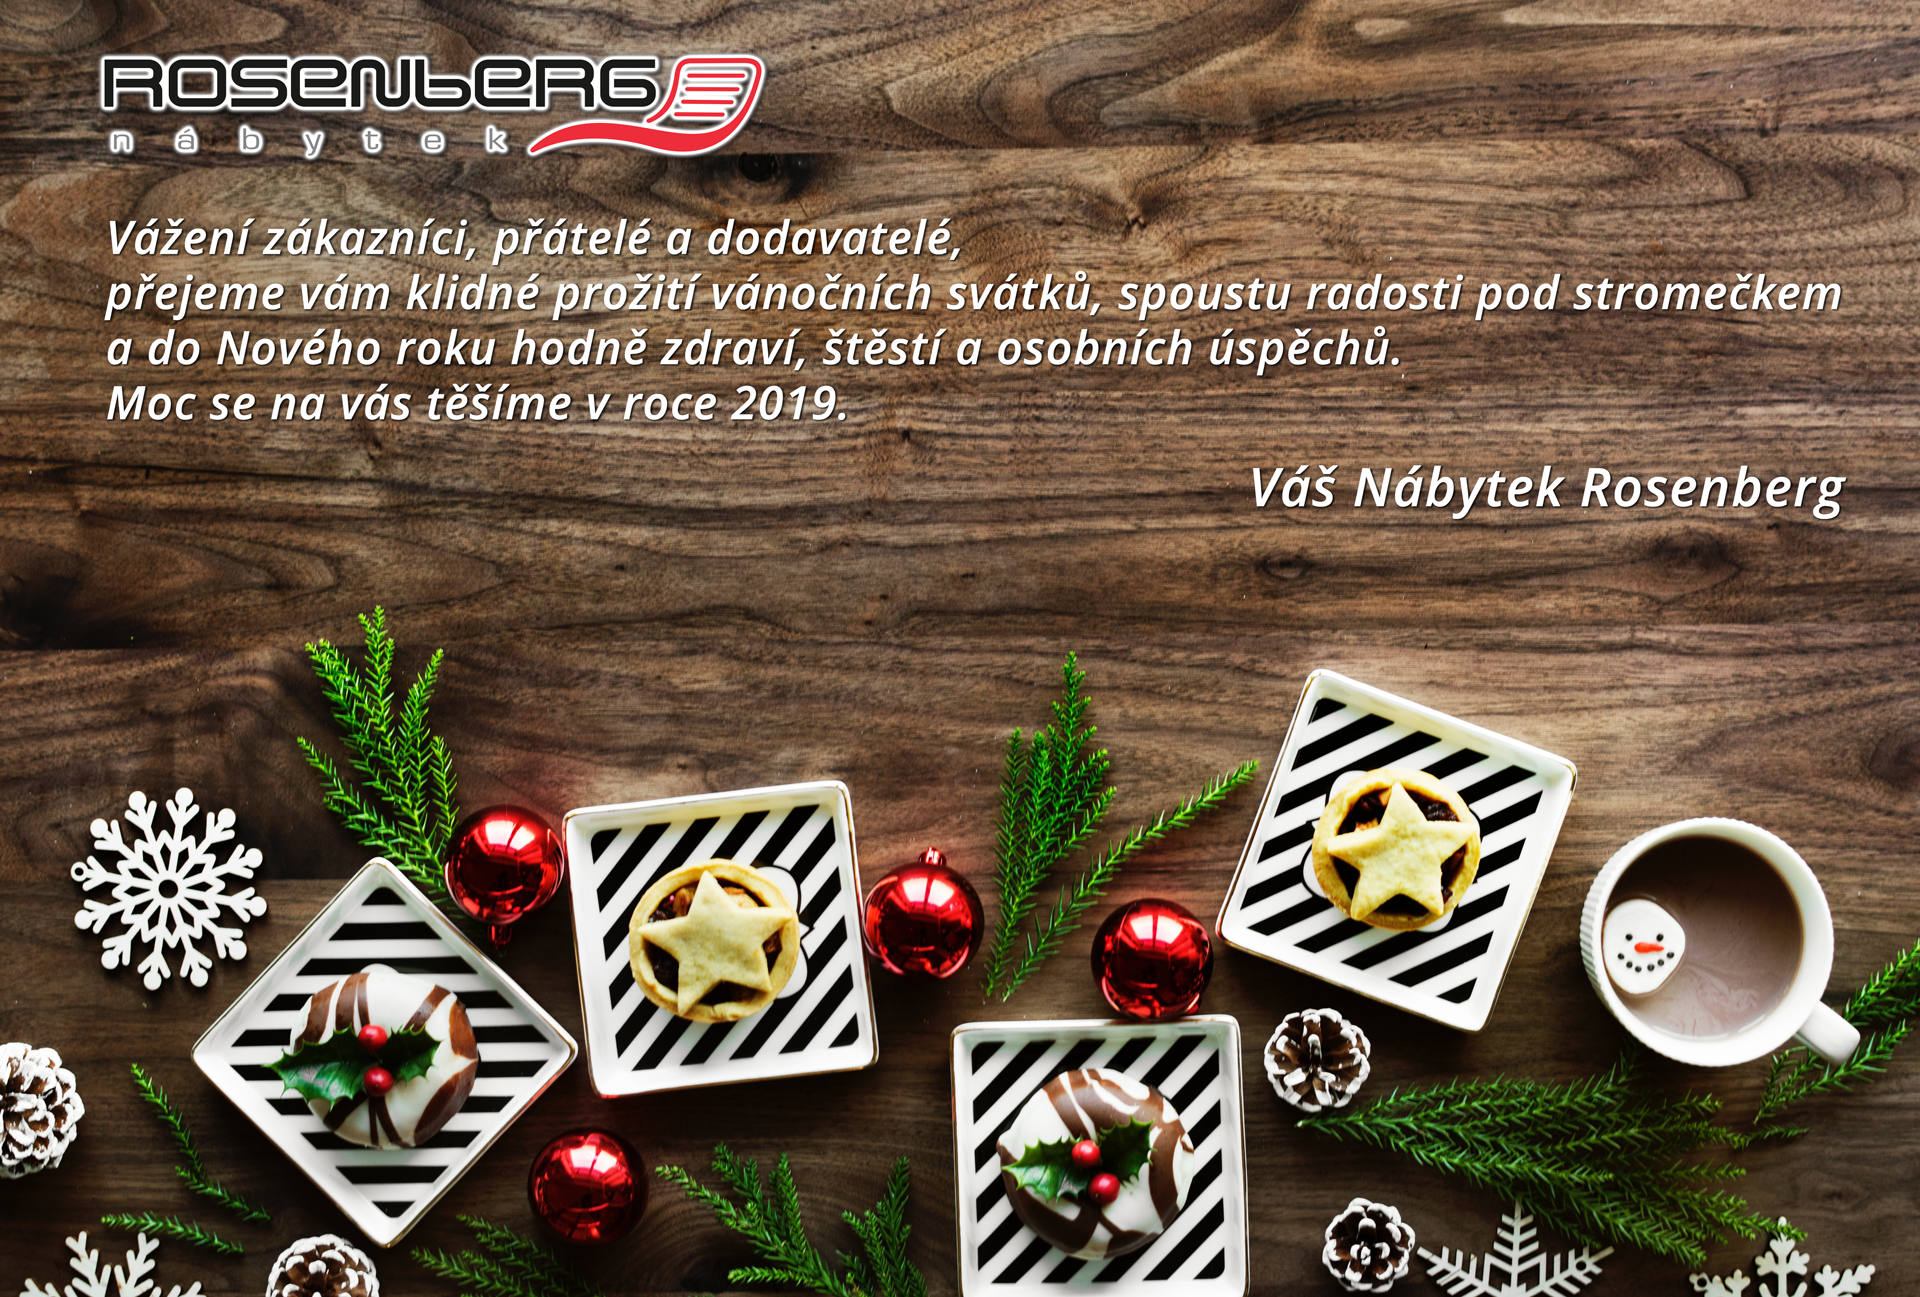 PF 2019 a vánoční otevírací doba